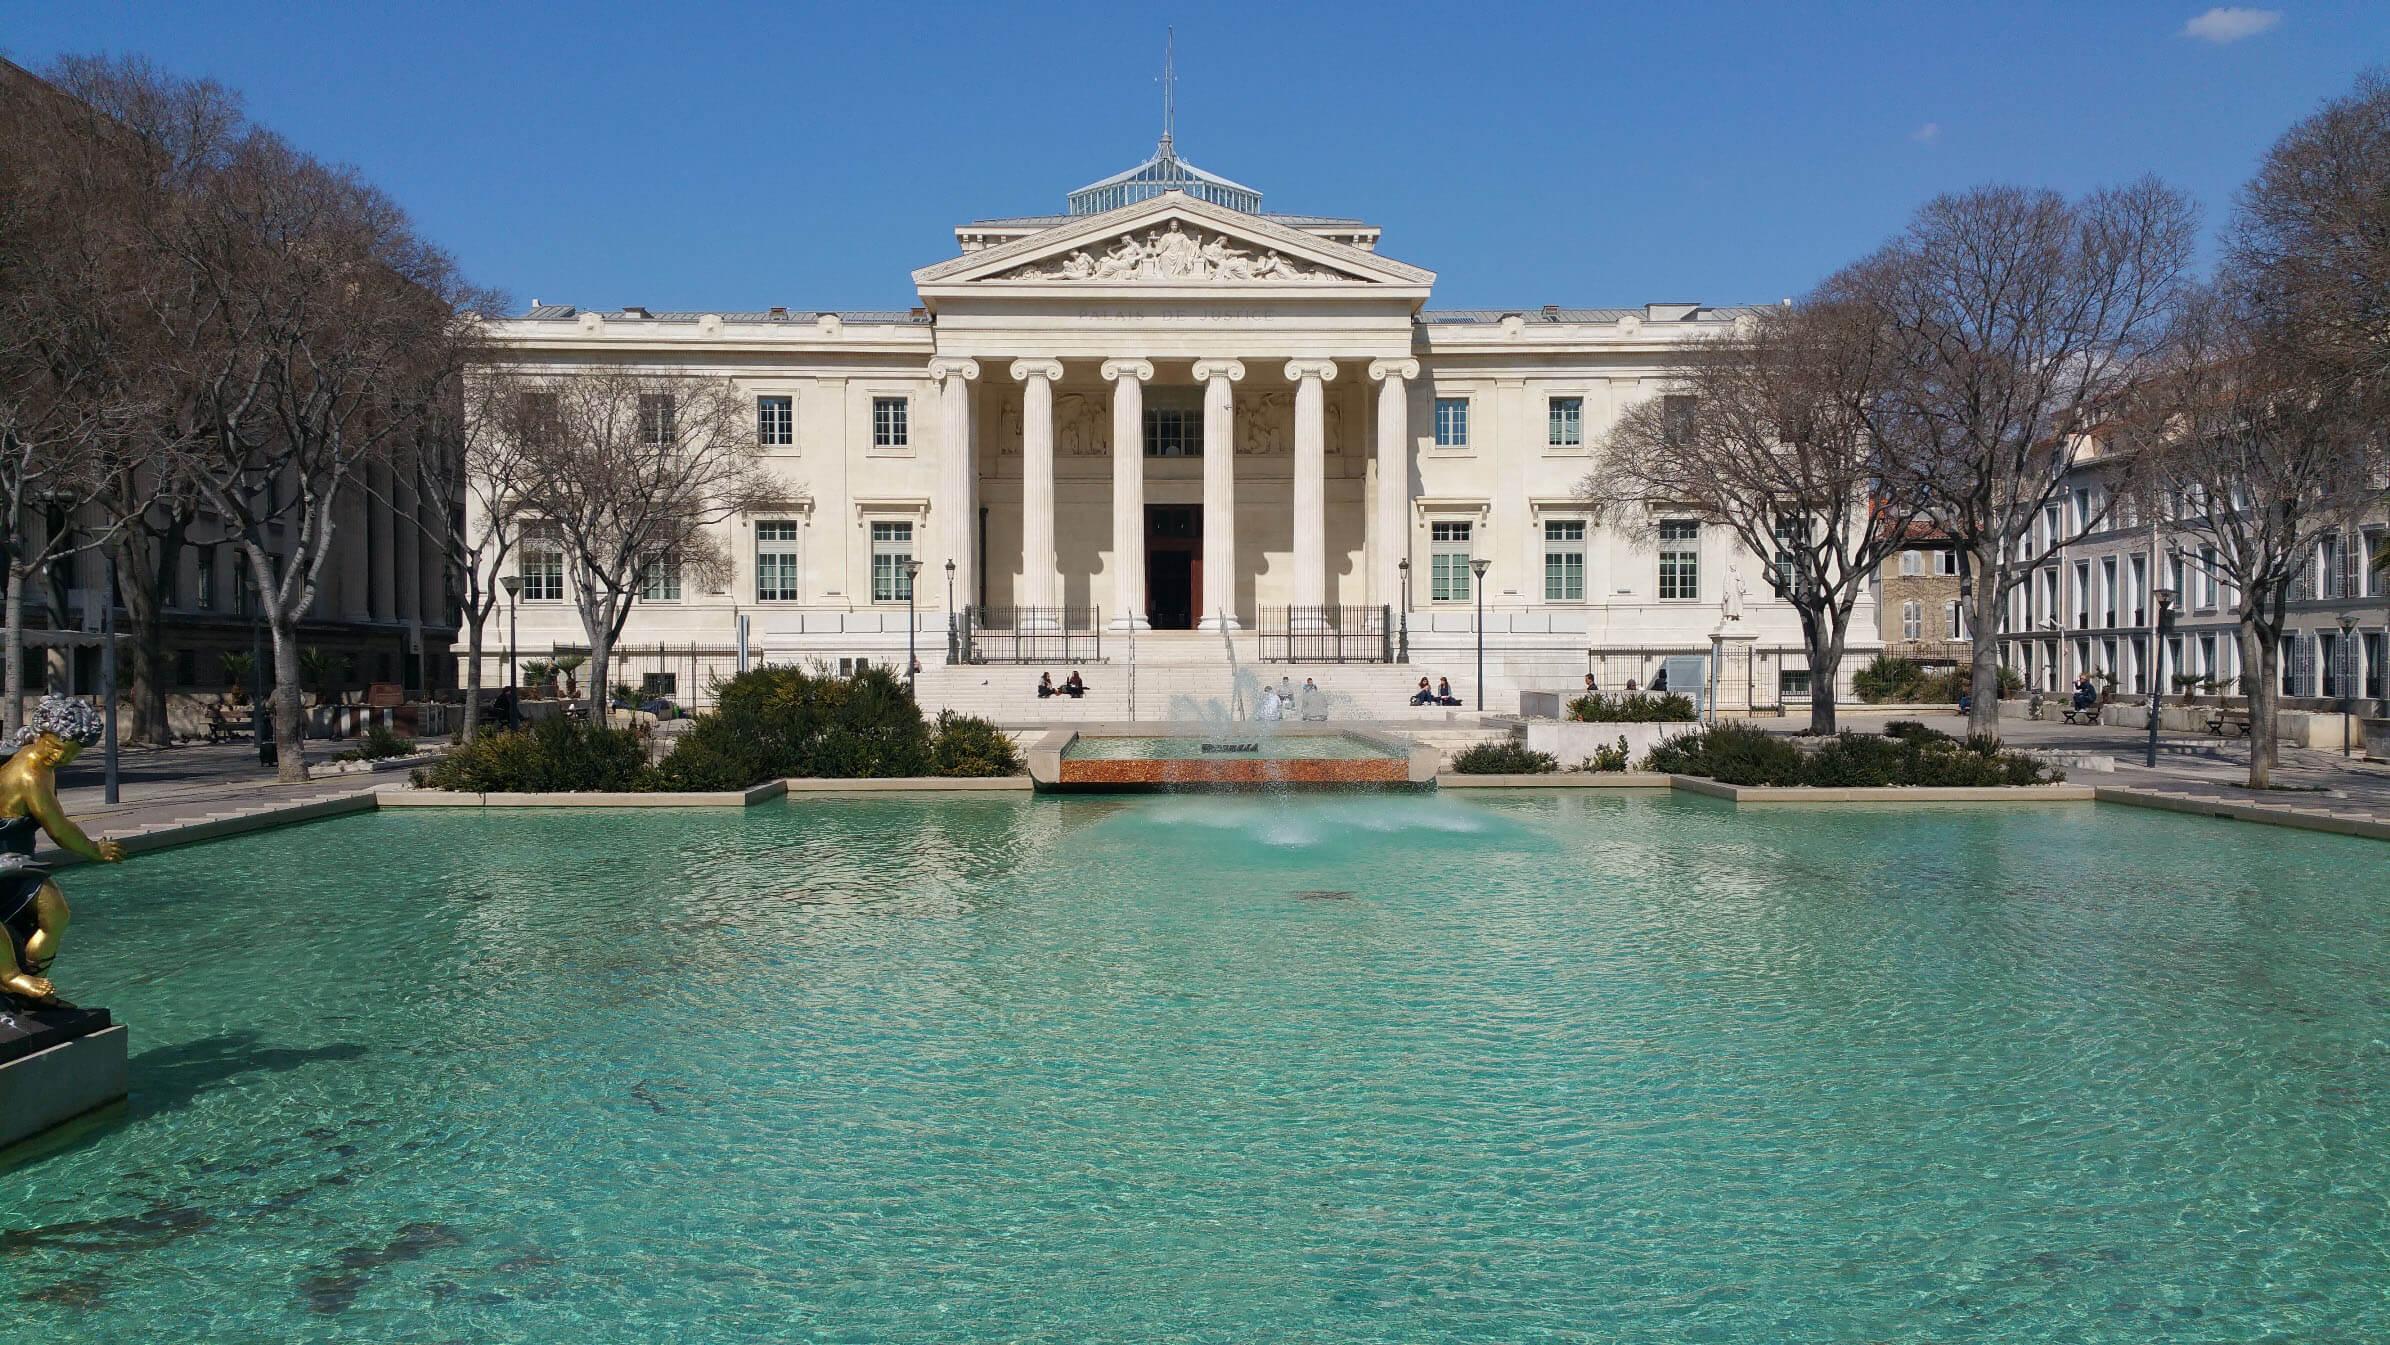 Palais de justice, Marseille : Nomad entrepreneur, David Levesque